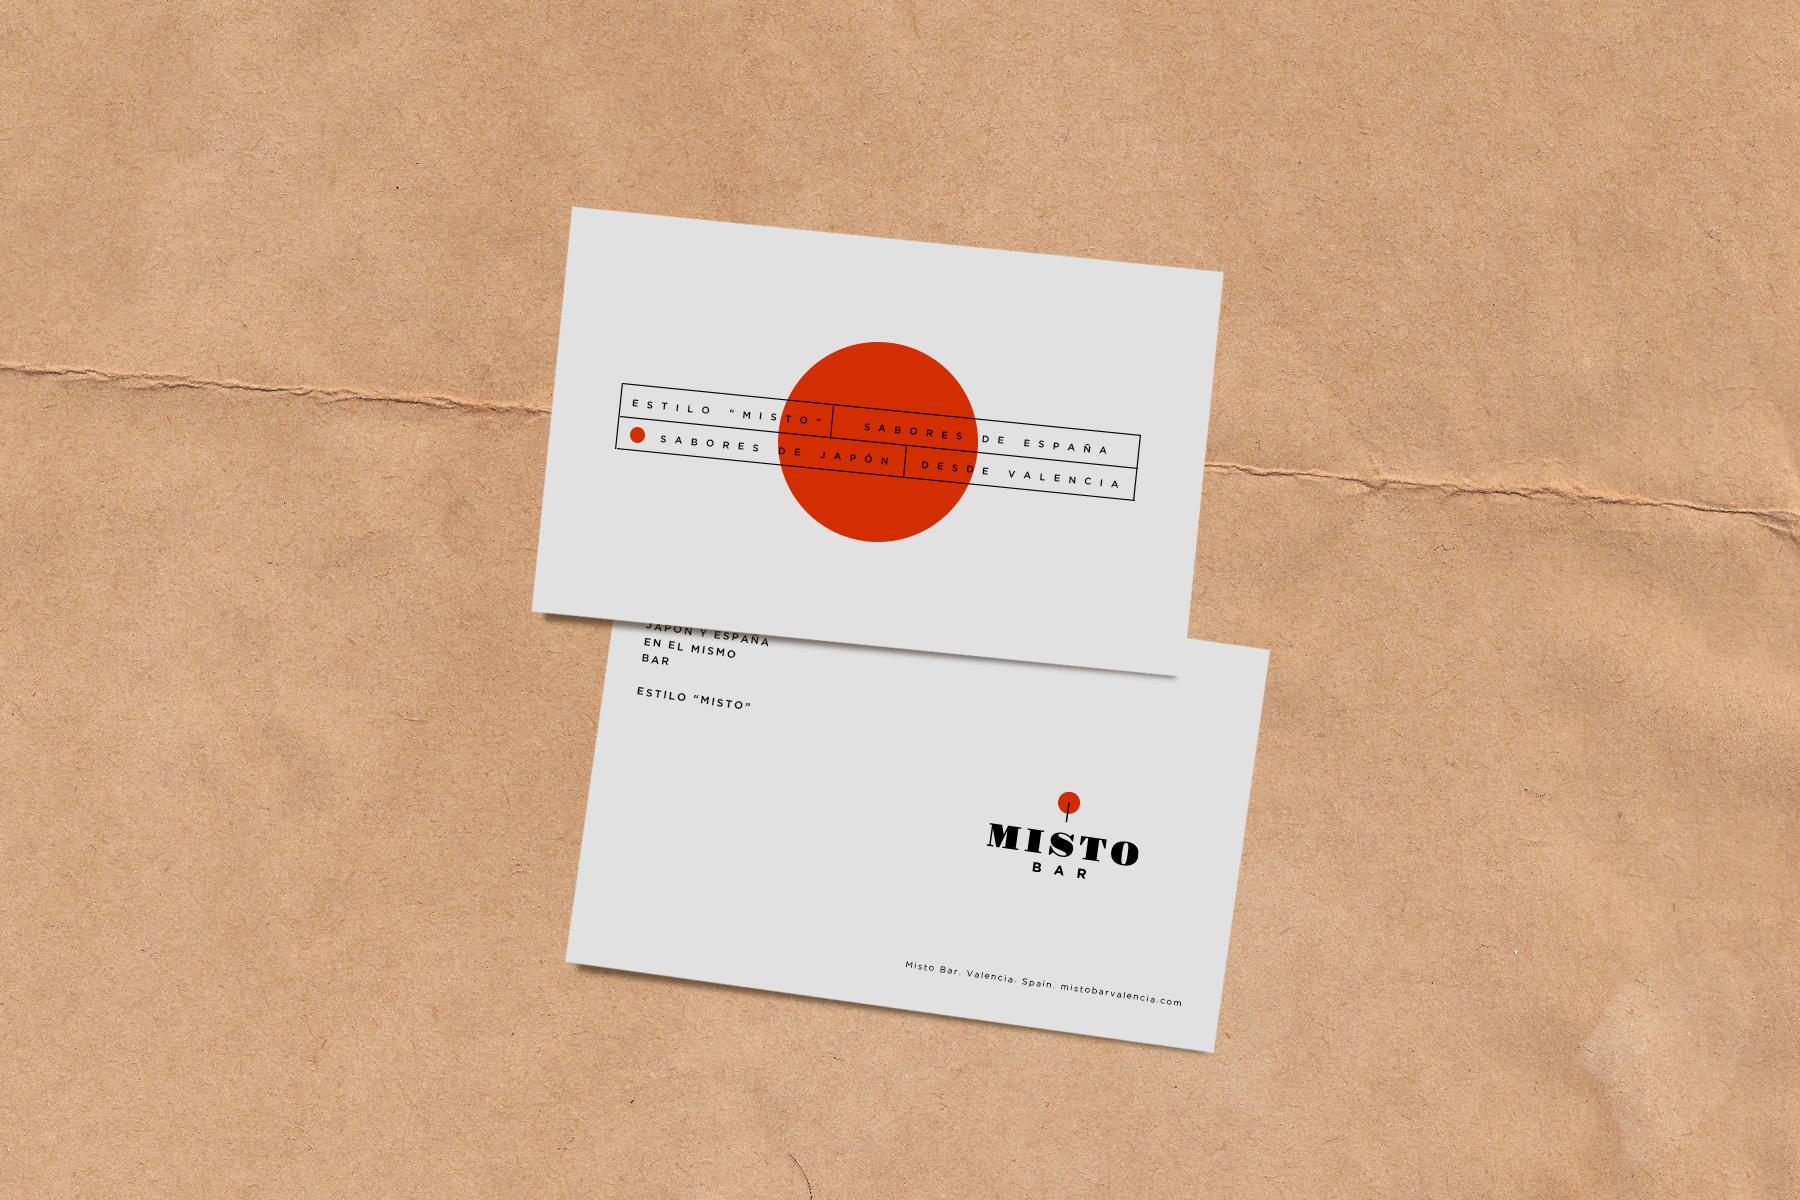 Detalle de tarjetas corporativas Misto Bar - Supermundano